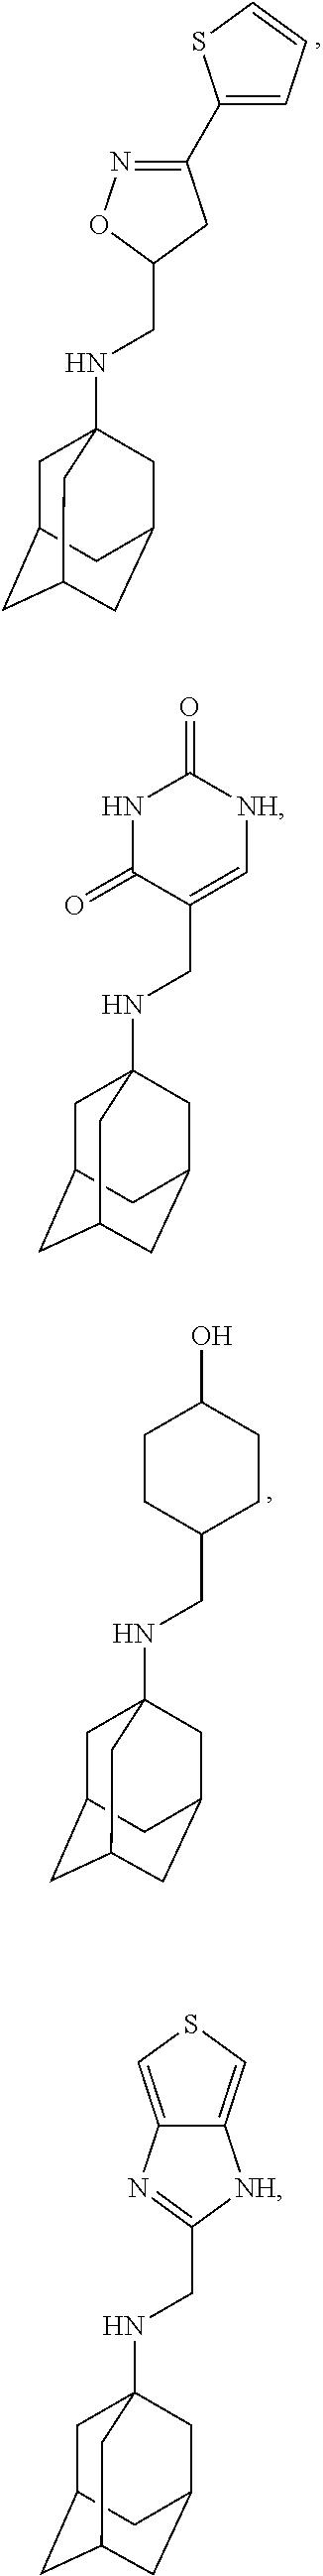 Figure US09884832-20180206-C00065